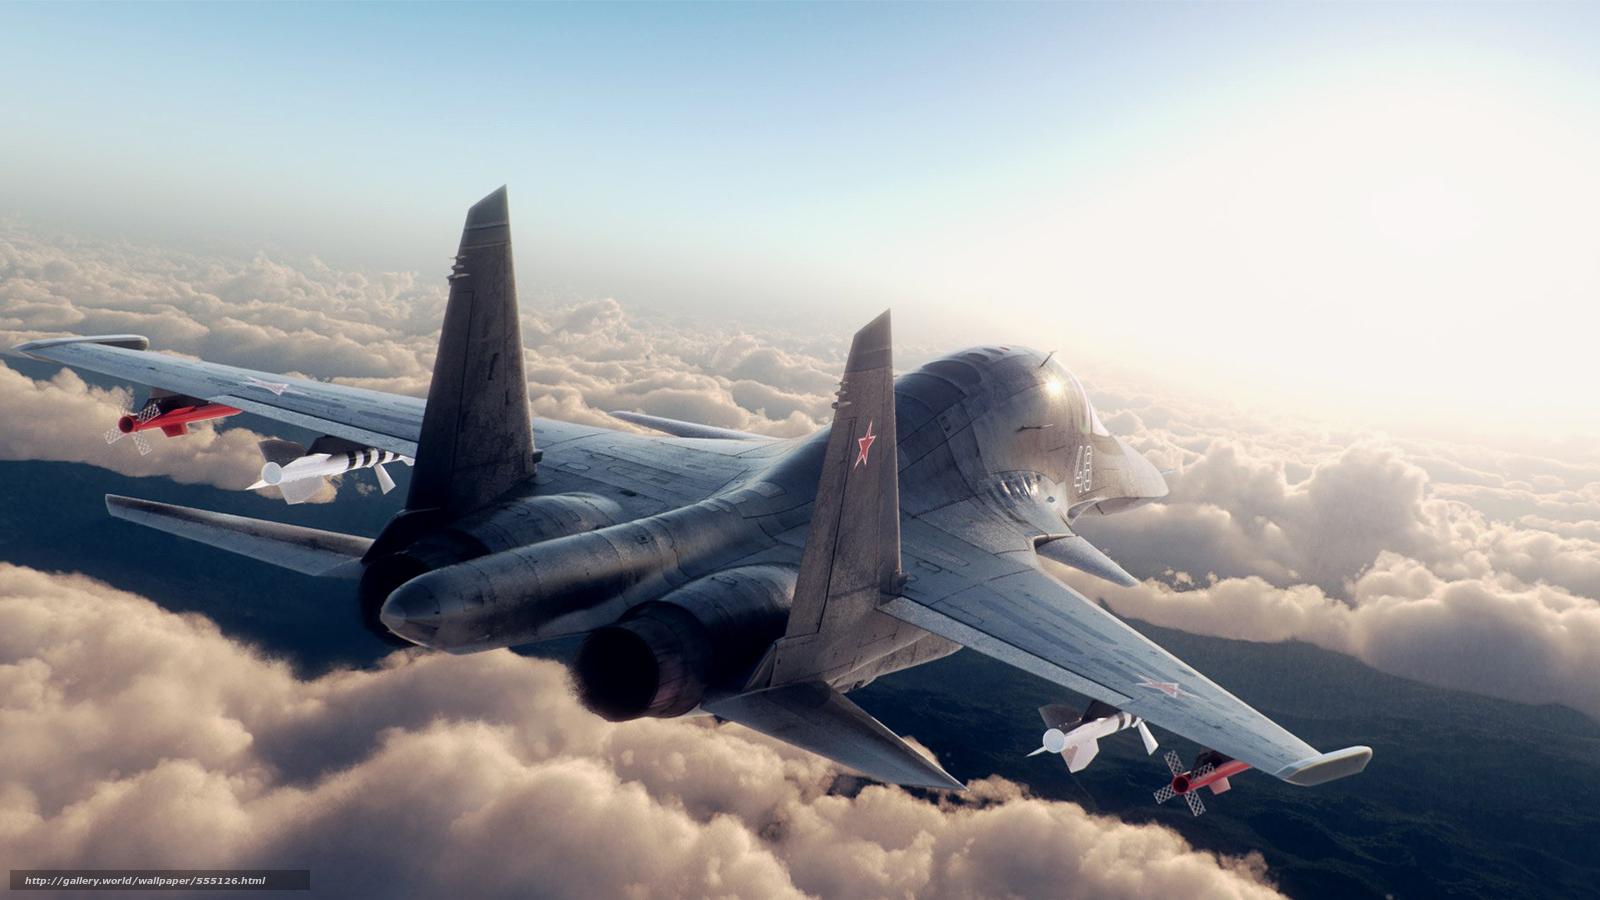 Скачать обои су-27,  самолет,  ракеты,  небо бесплатно для рабочего стола в разрешении 1920x1080 — картинка №555126